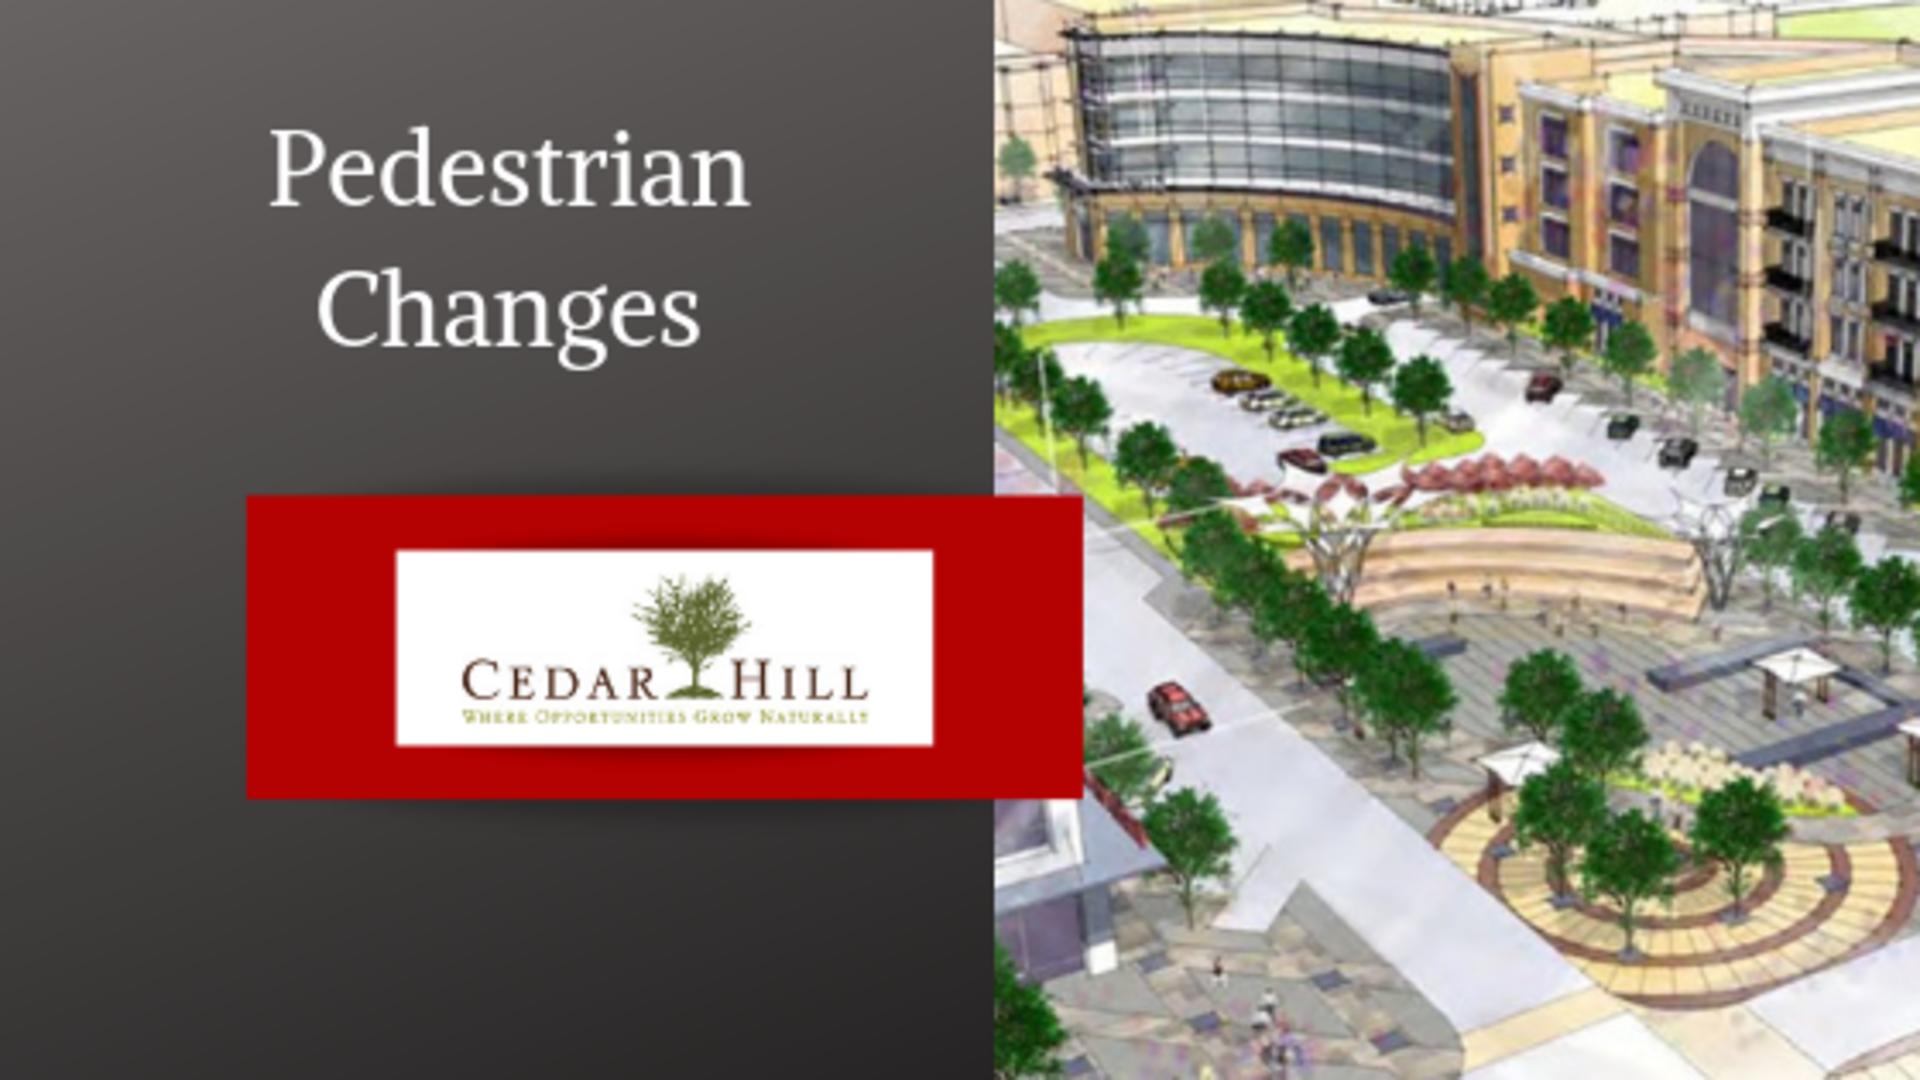 Cedar Hill Pedestrian Upgrades